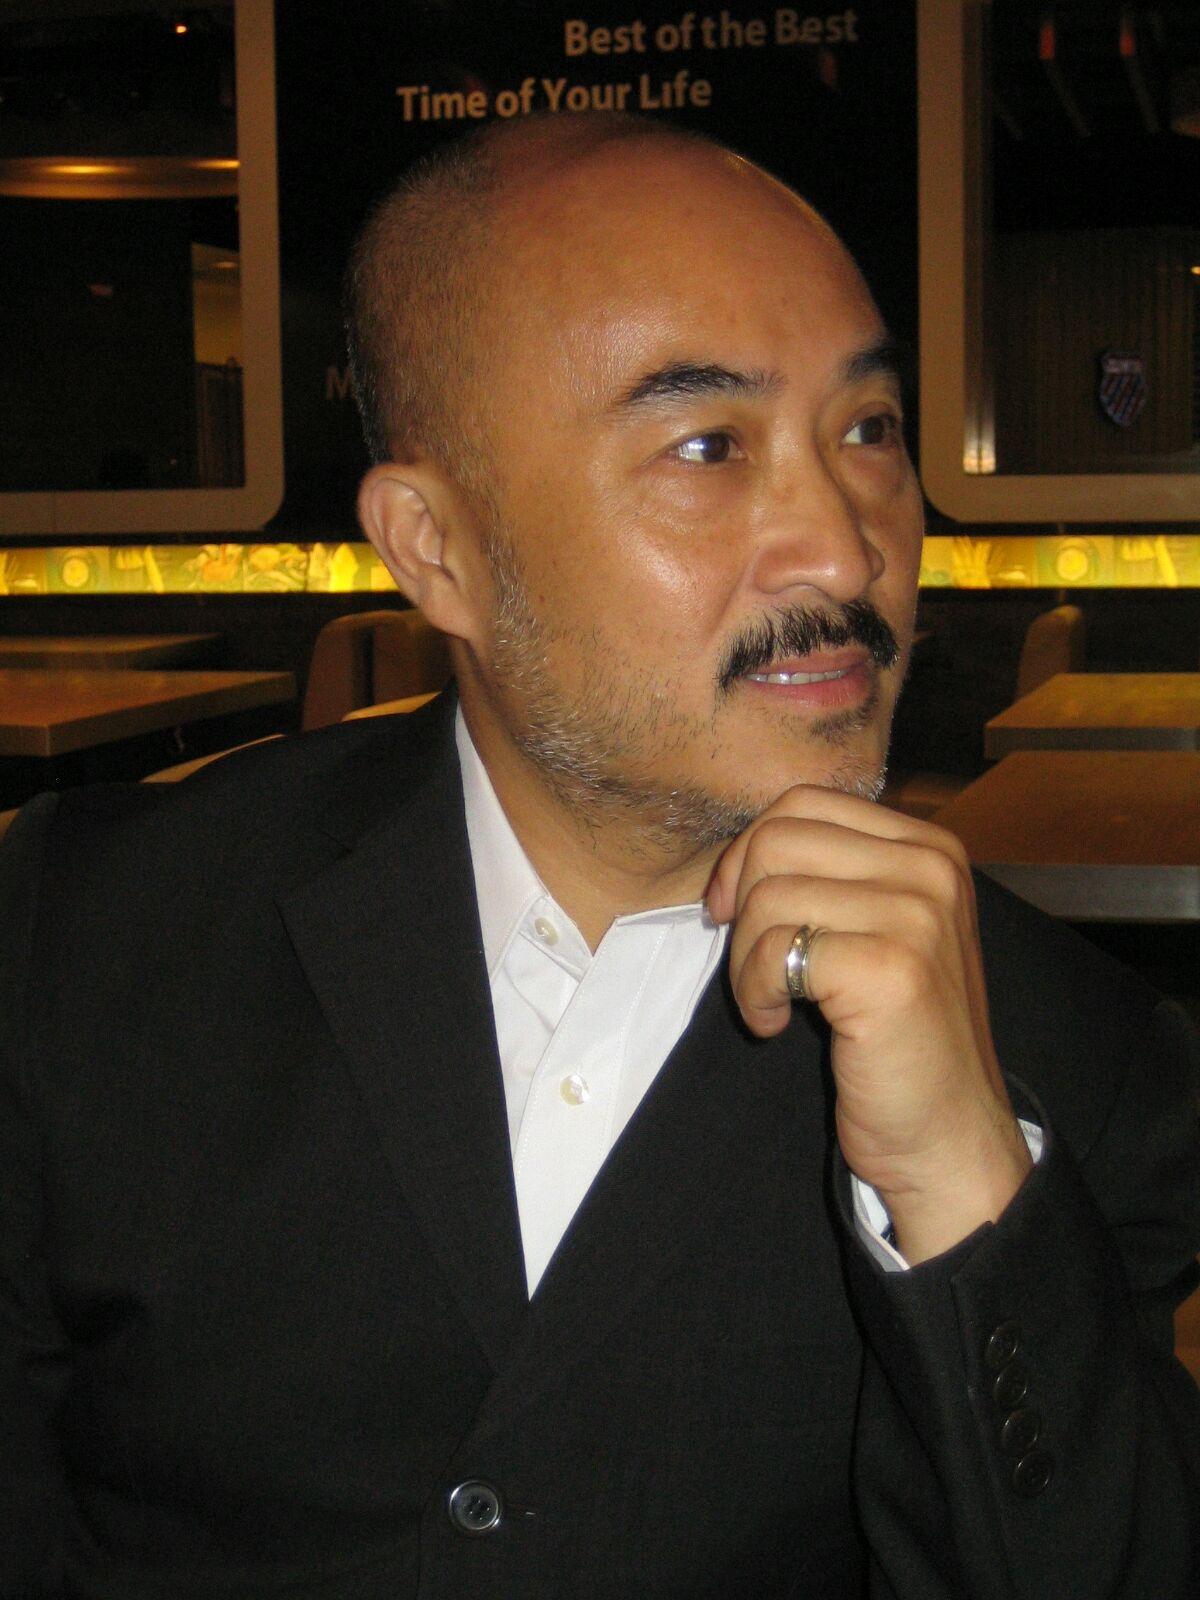 Mr. Simon Yeung